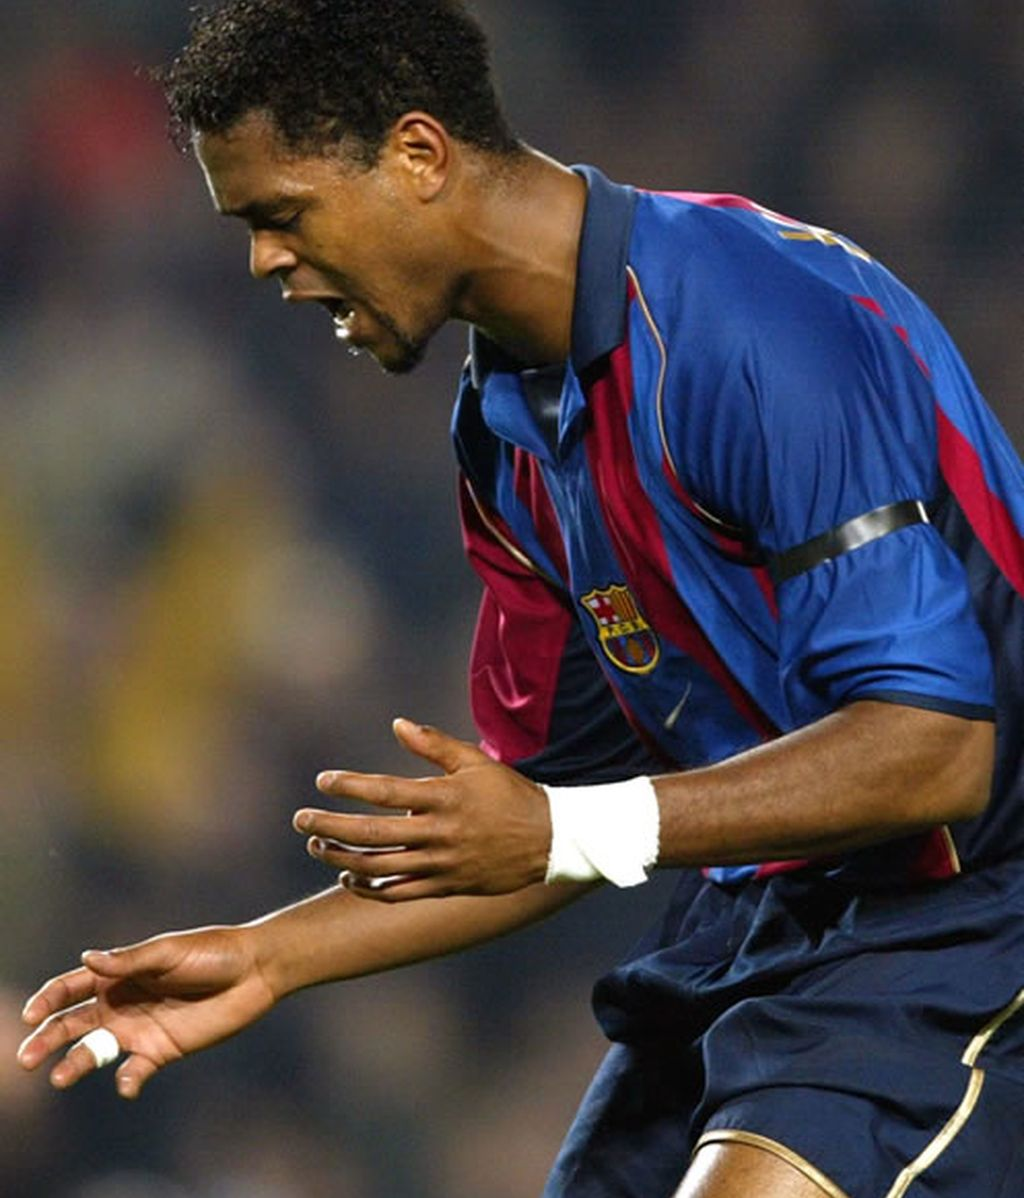 En marzo del 2002 el jugador del Barcelona, Kluivert, se lamenta por un tiro fallado